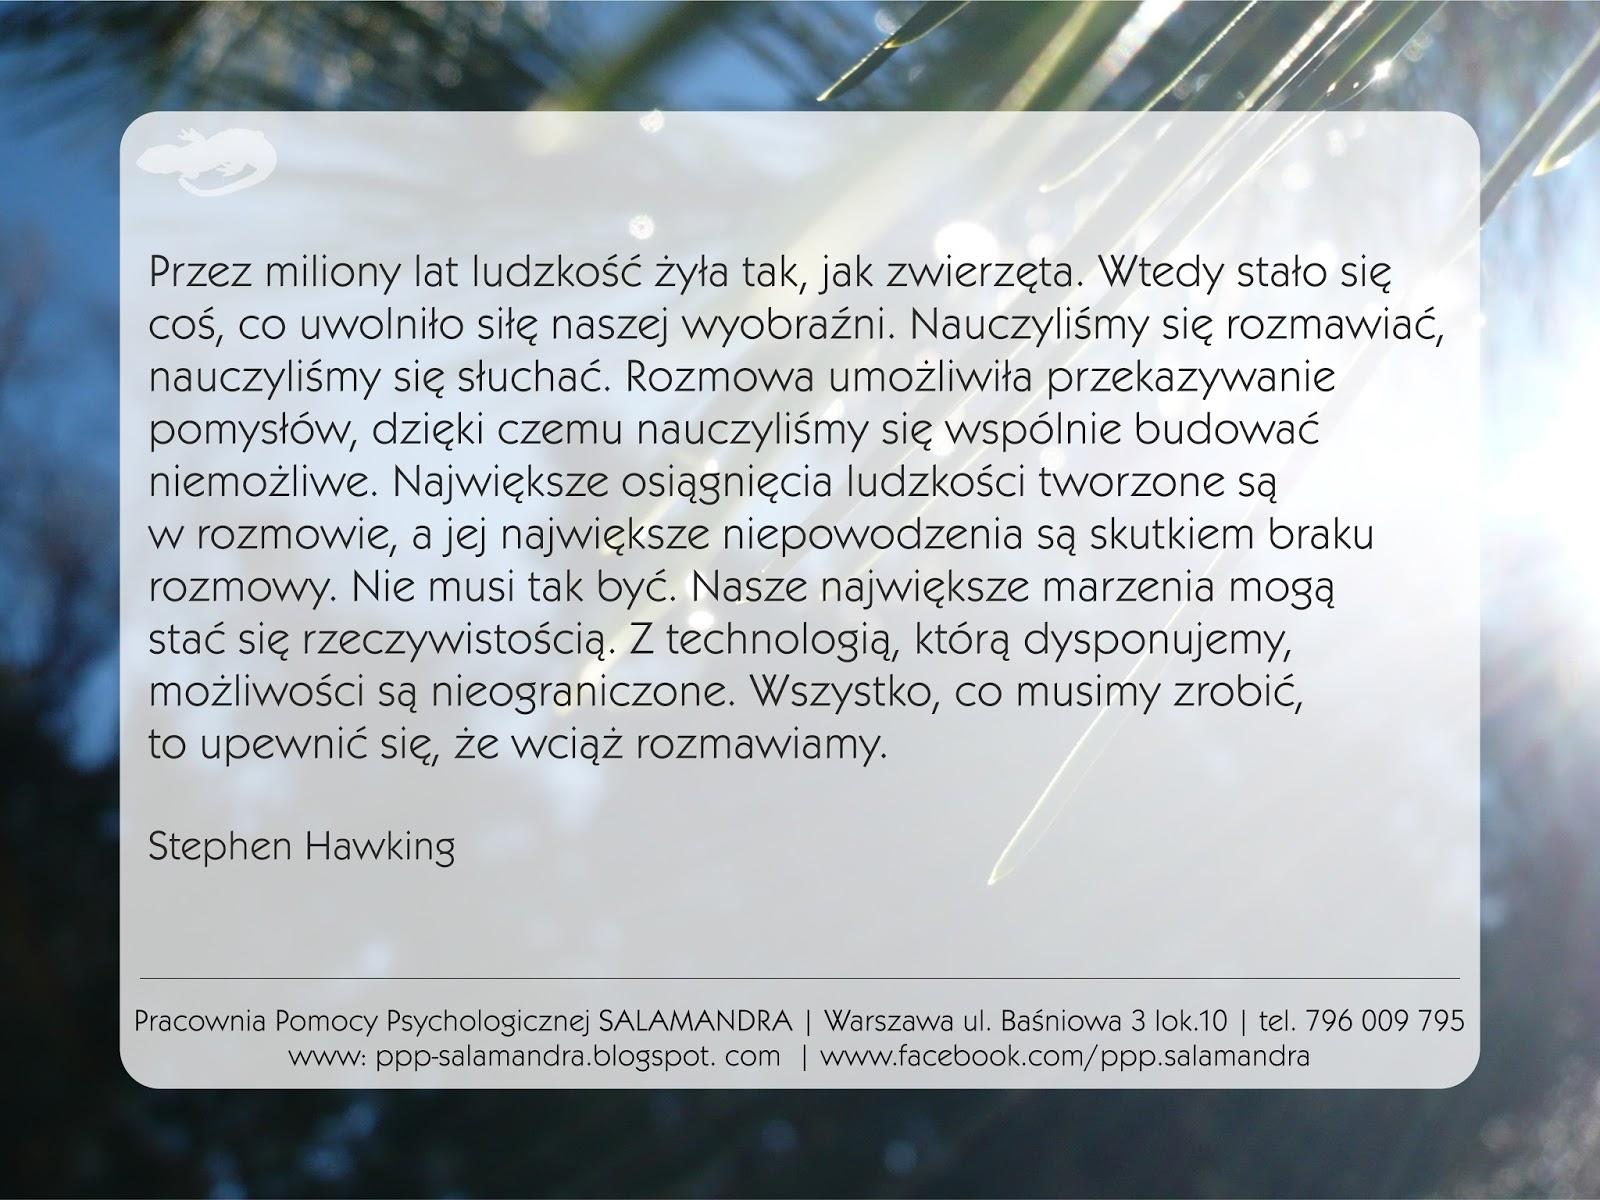 Największe niepowodzenia są skutkiem braku rozmowy - Stephen Hawking o wartości komunikacji